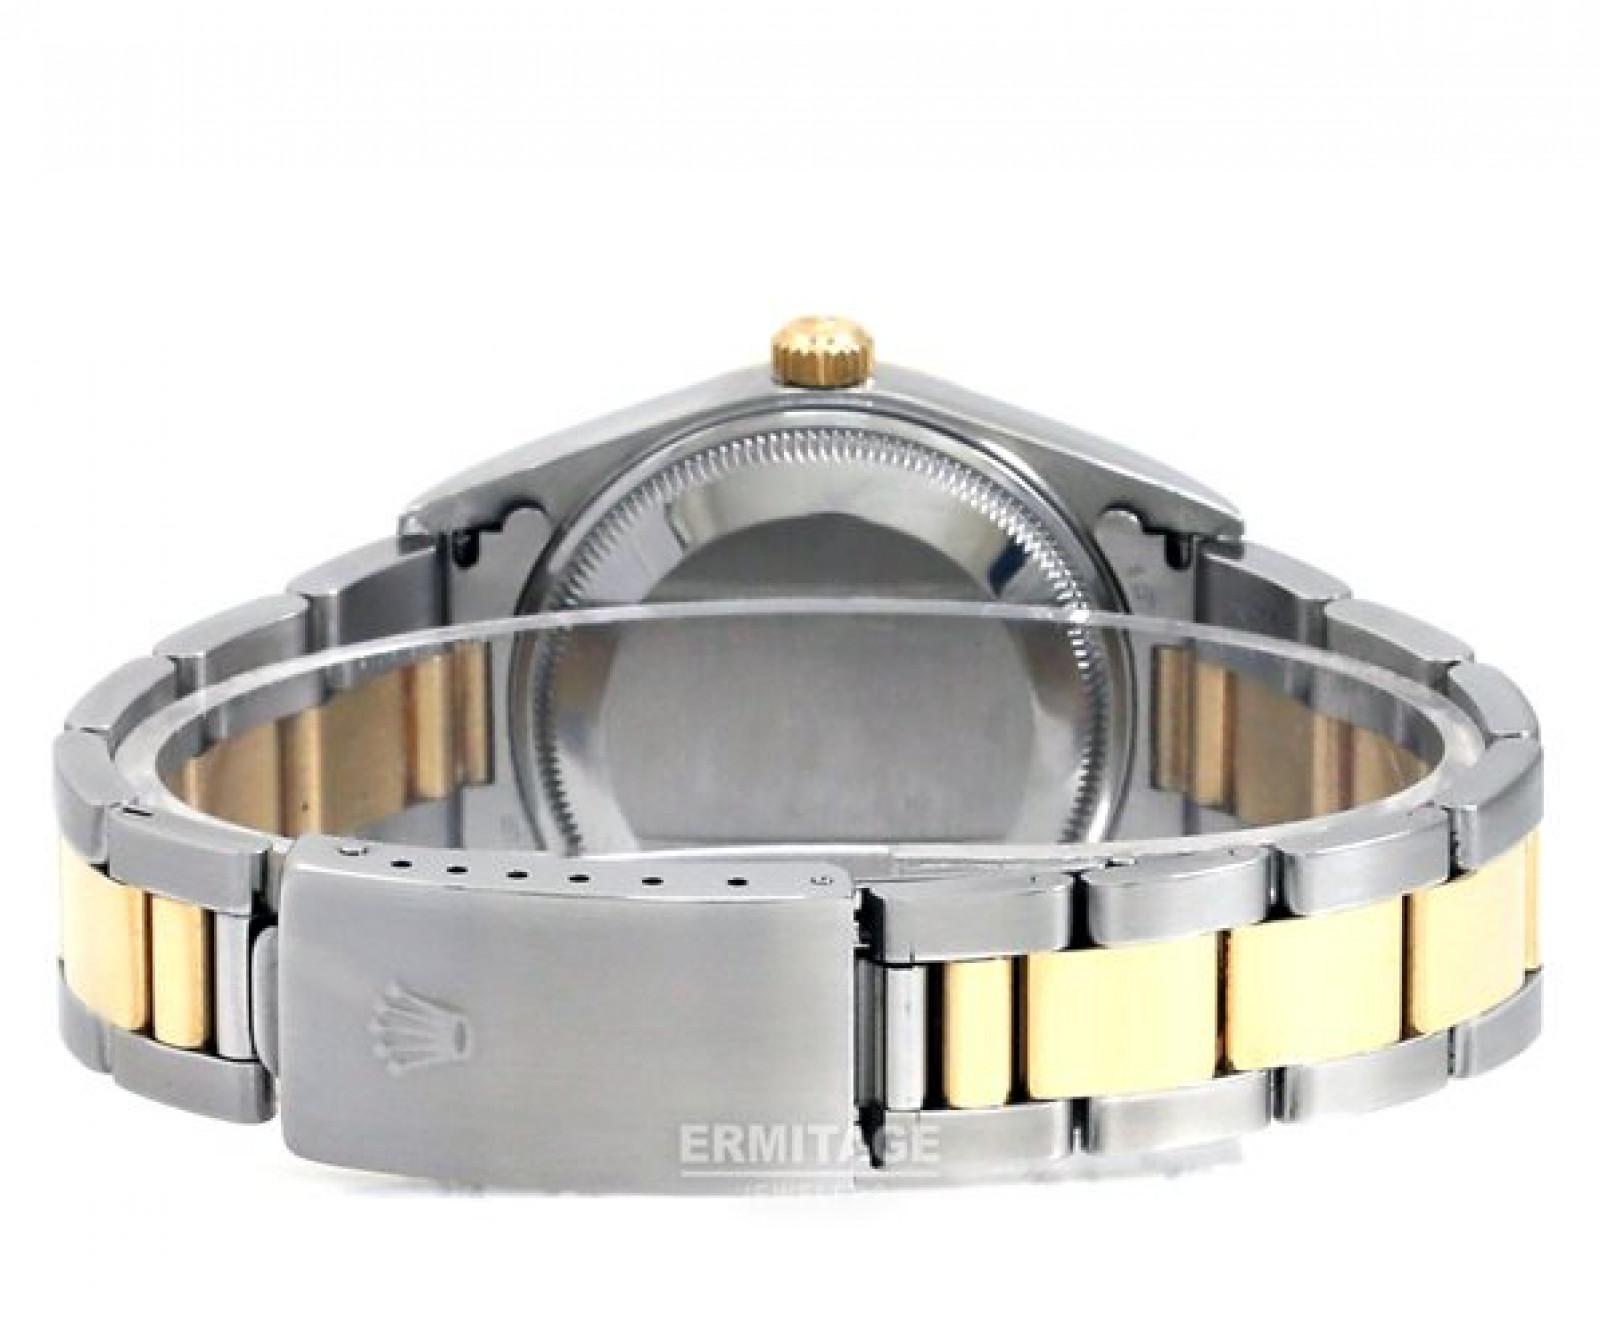 Rolex Date 15203 Gold & Steel Year 2004